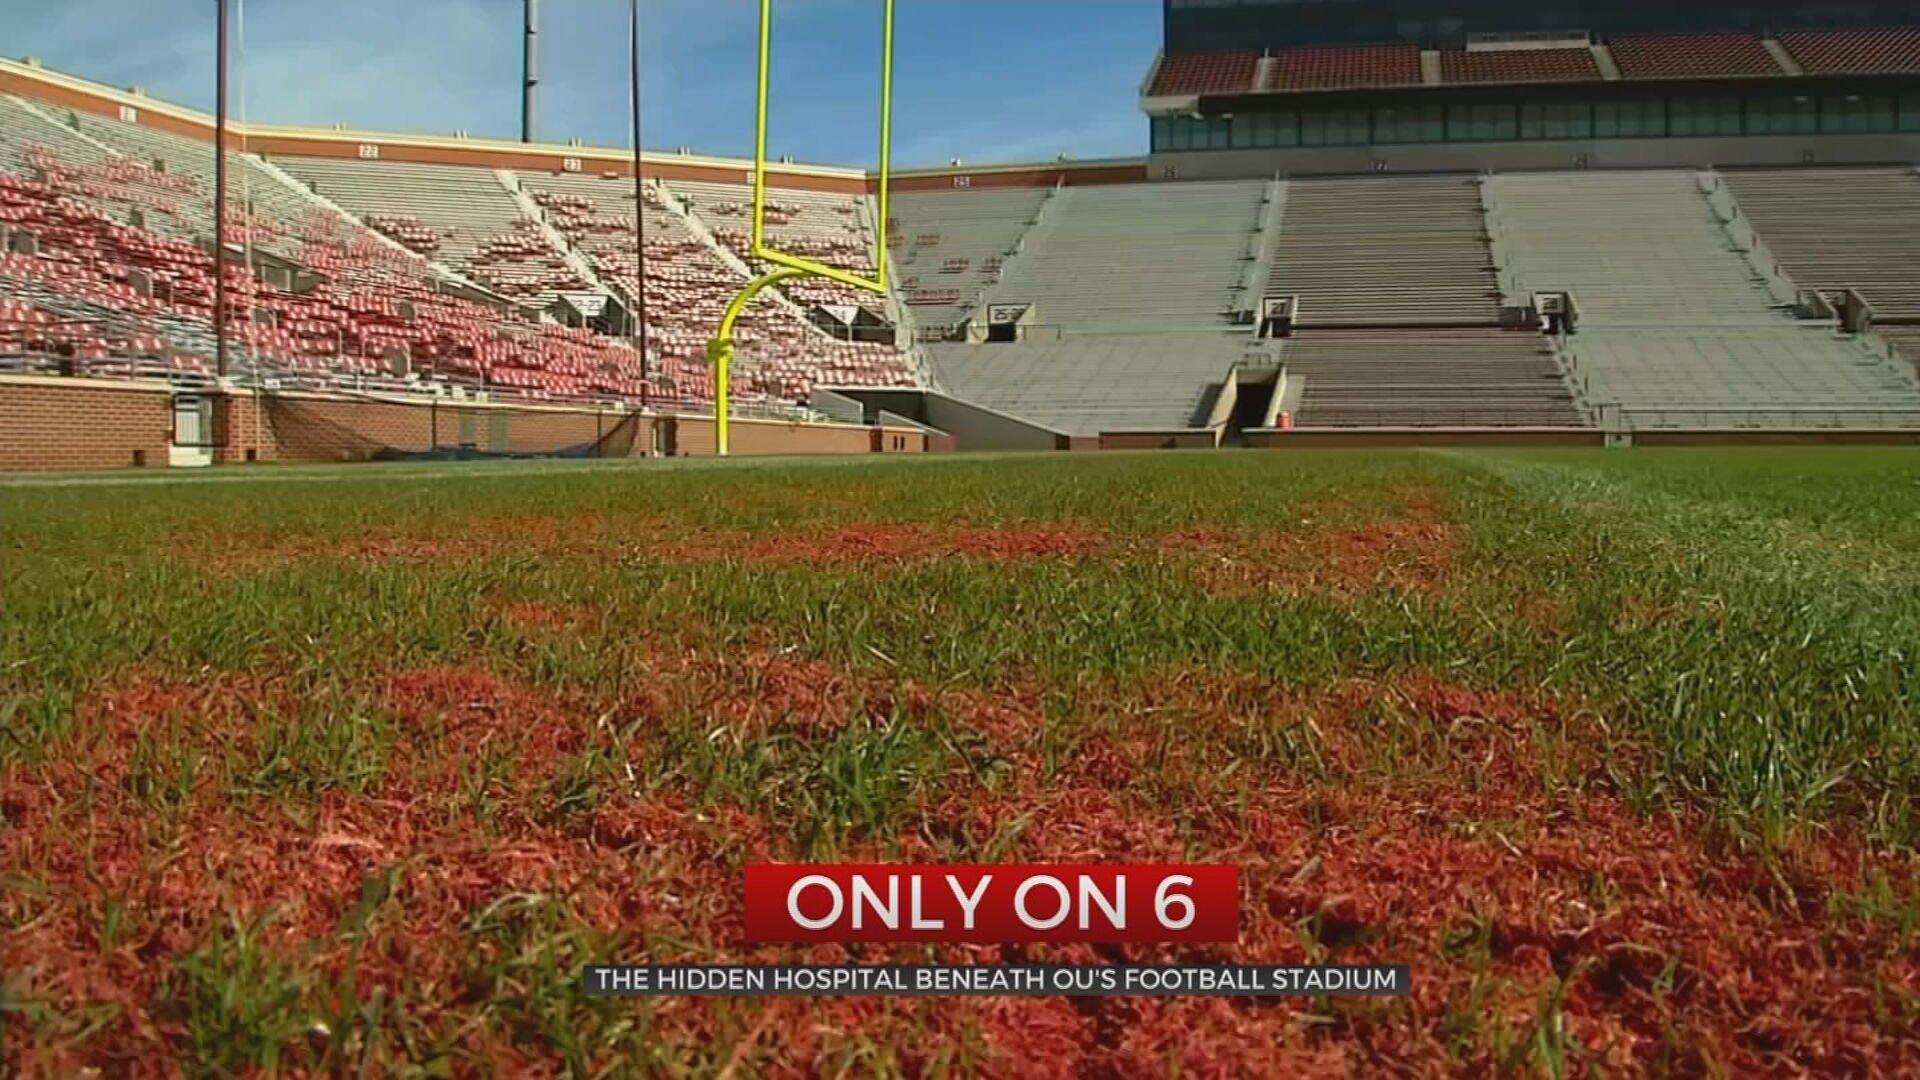 The Hidden Hospital Beneath OU's Football Stadium